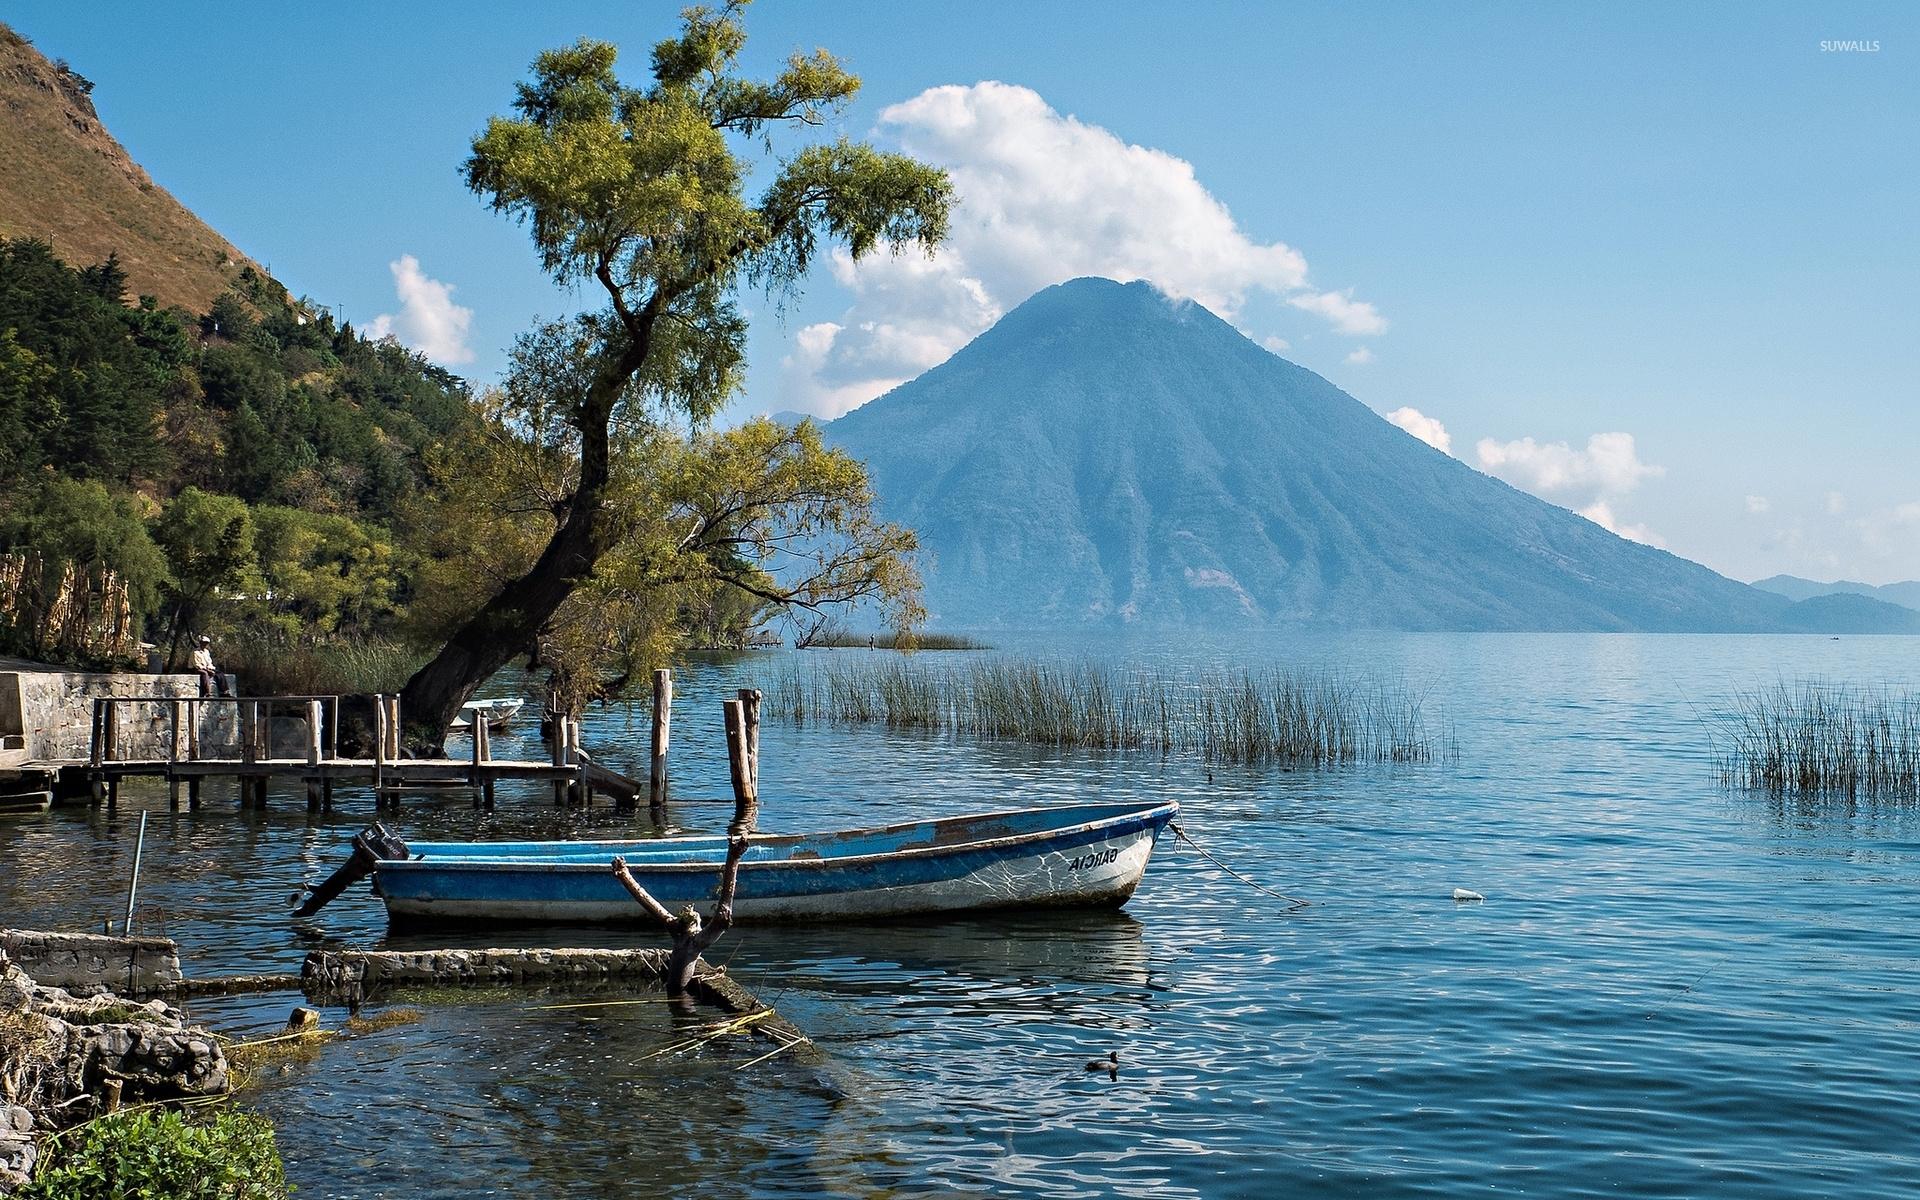 guatemala wallpapers wallpapersafari - photo #22